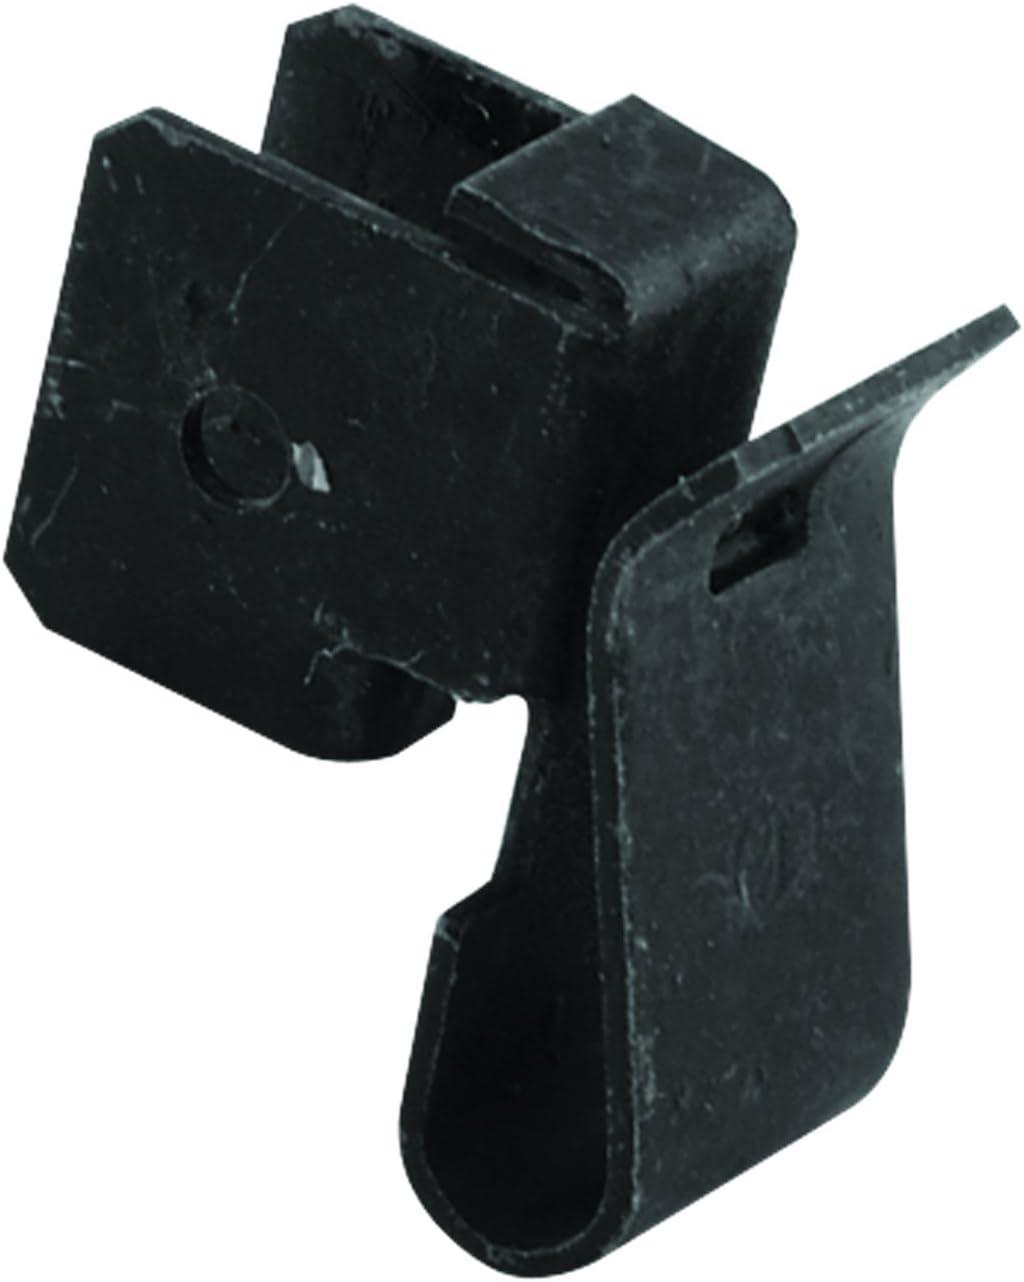 Slide-Co 173875 Non-Tilt Balance Tension Tool